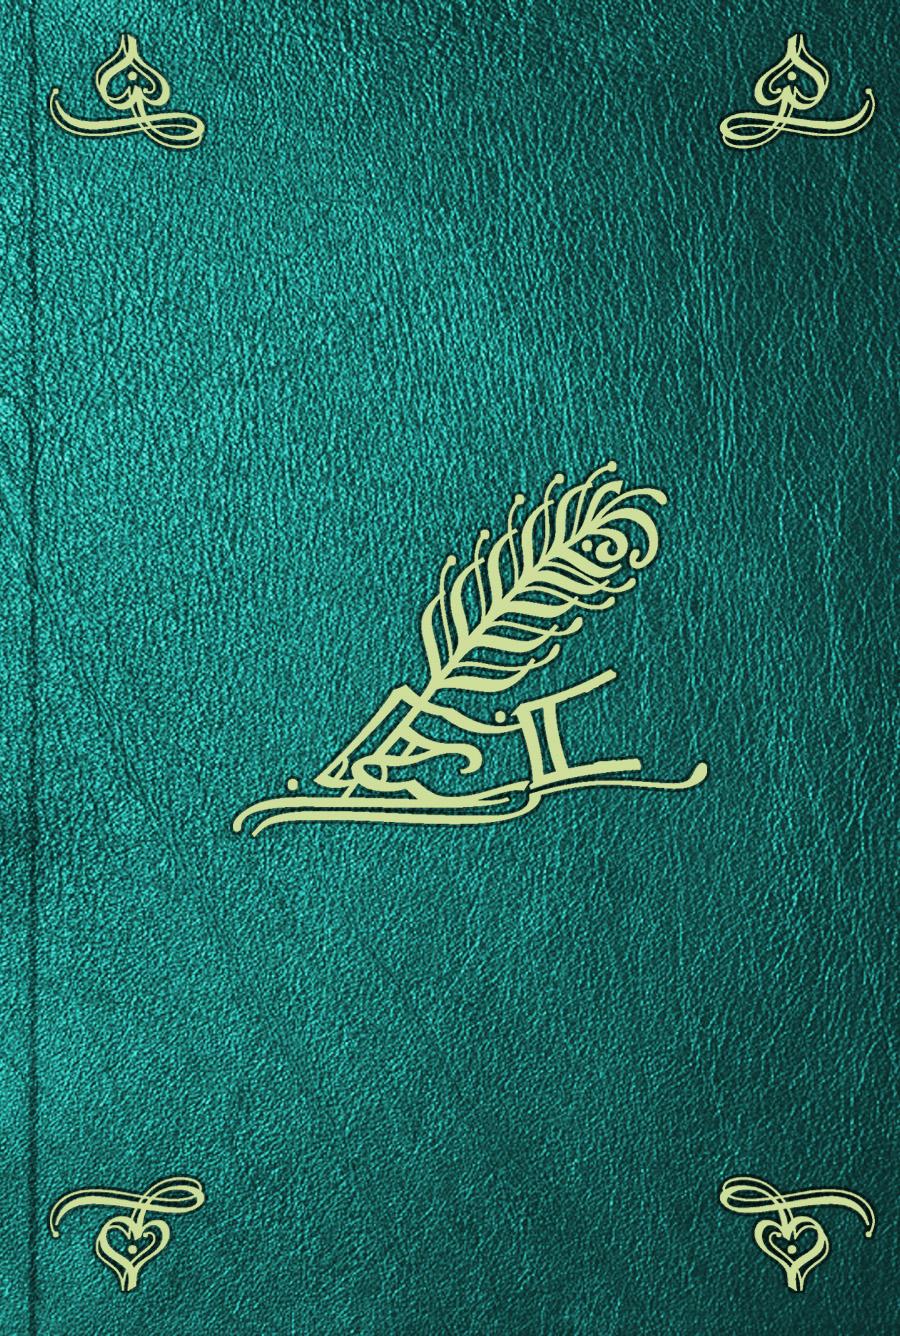 Comte de Buffon Georges Louis Leclerc Histoire naturelle. T. 3. Quadrupedes paul pellisson histoire de louis xiv t 3